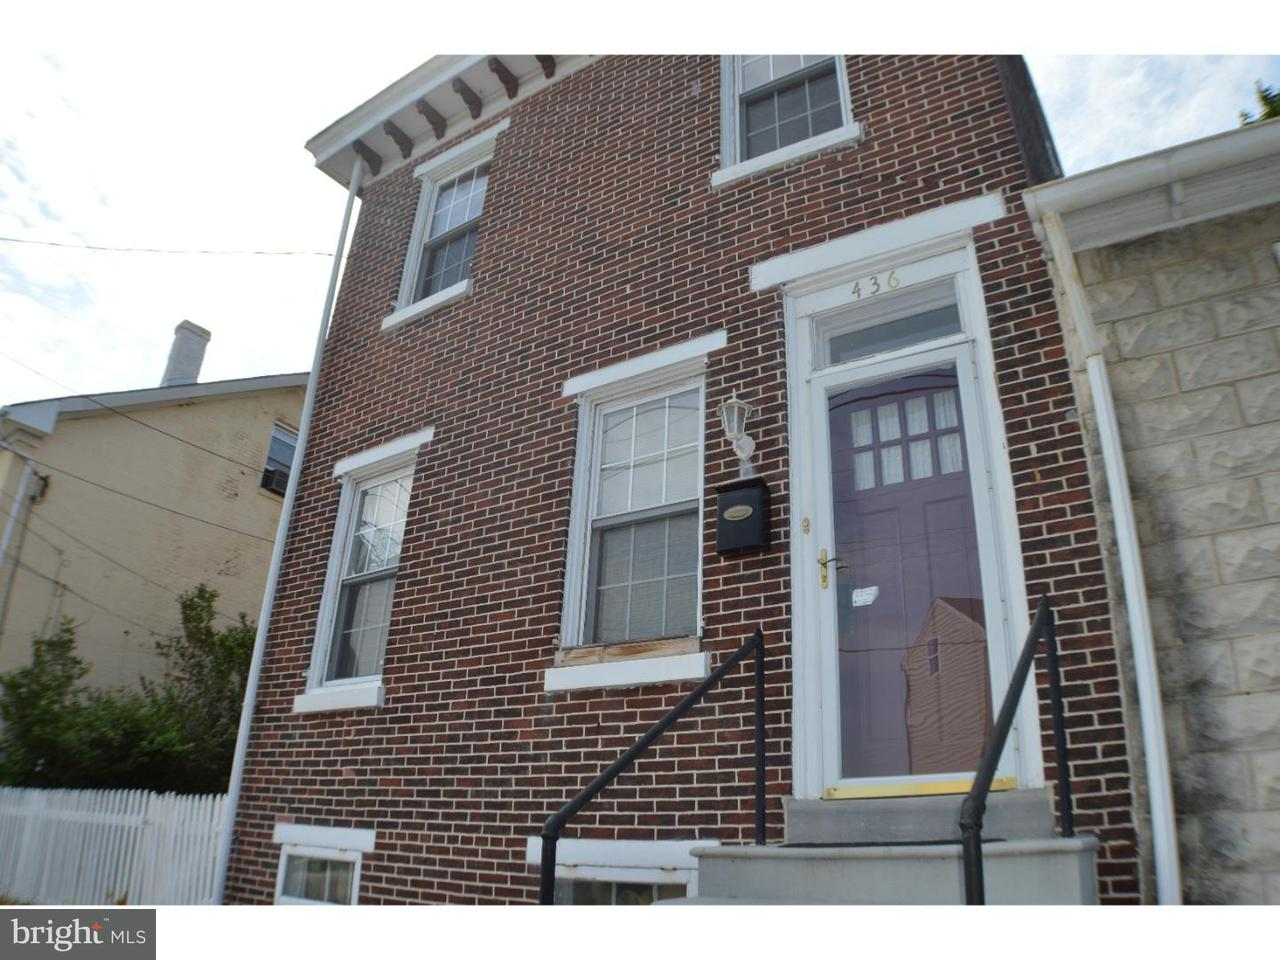 独户住宅 为 出租 在 436 FORD Street Bridgeport, 宾夕法尼亚州 19405 美国